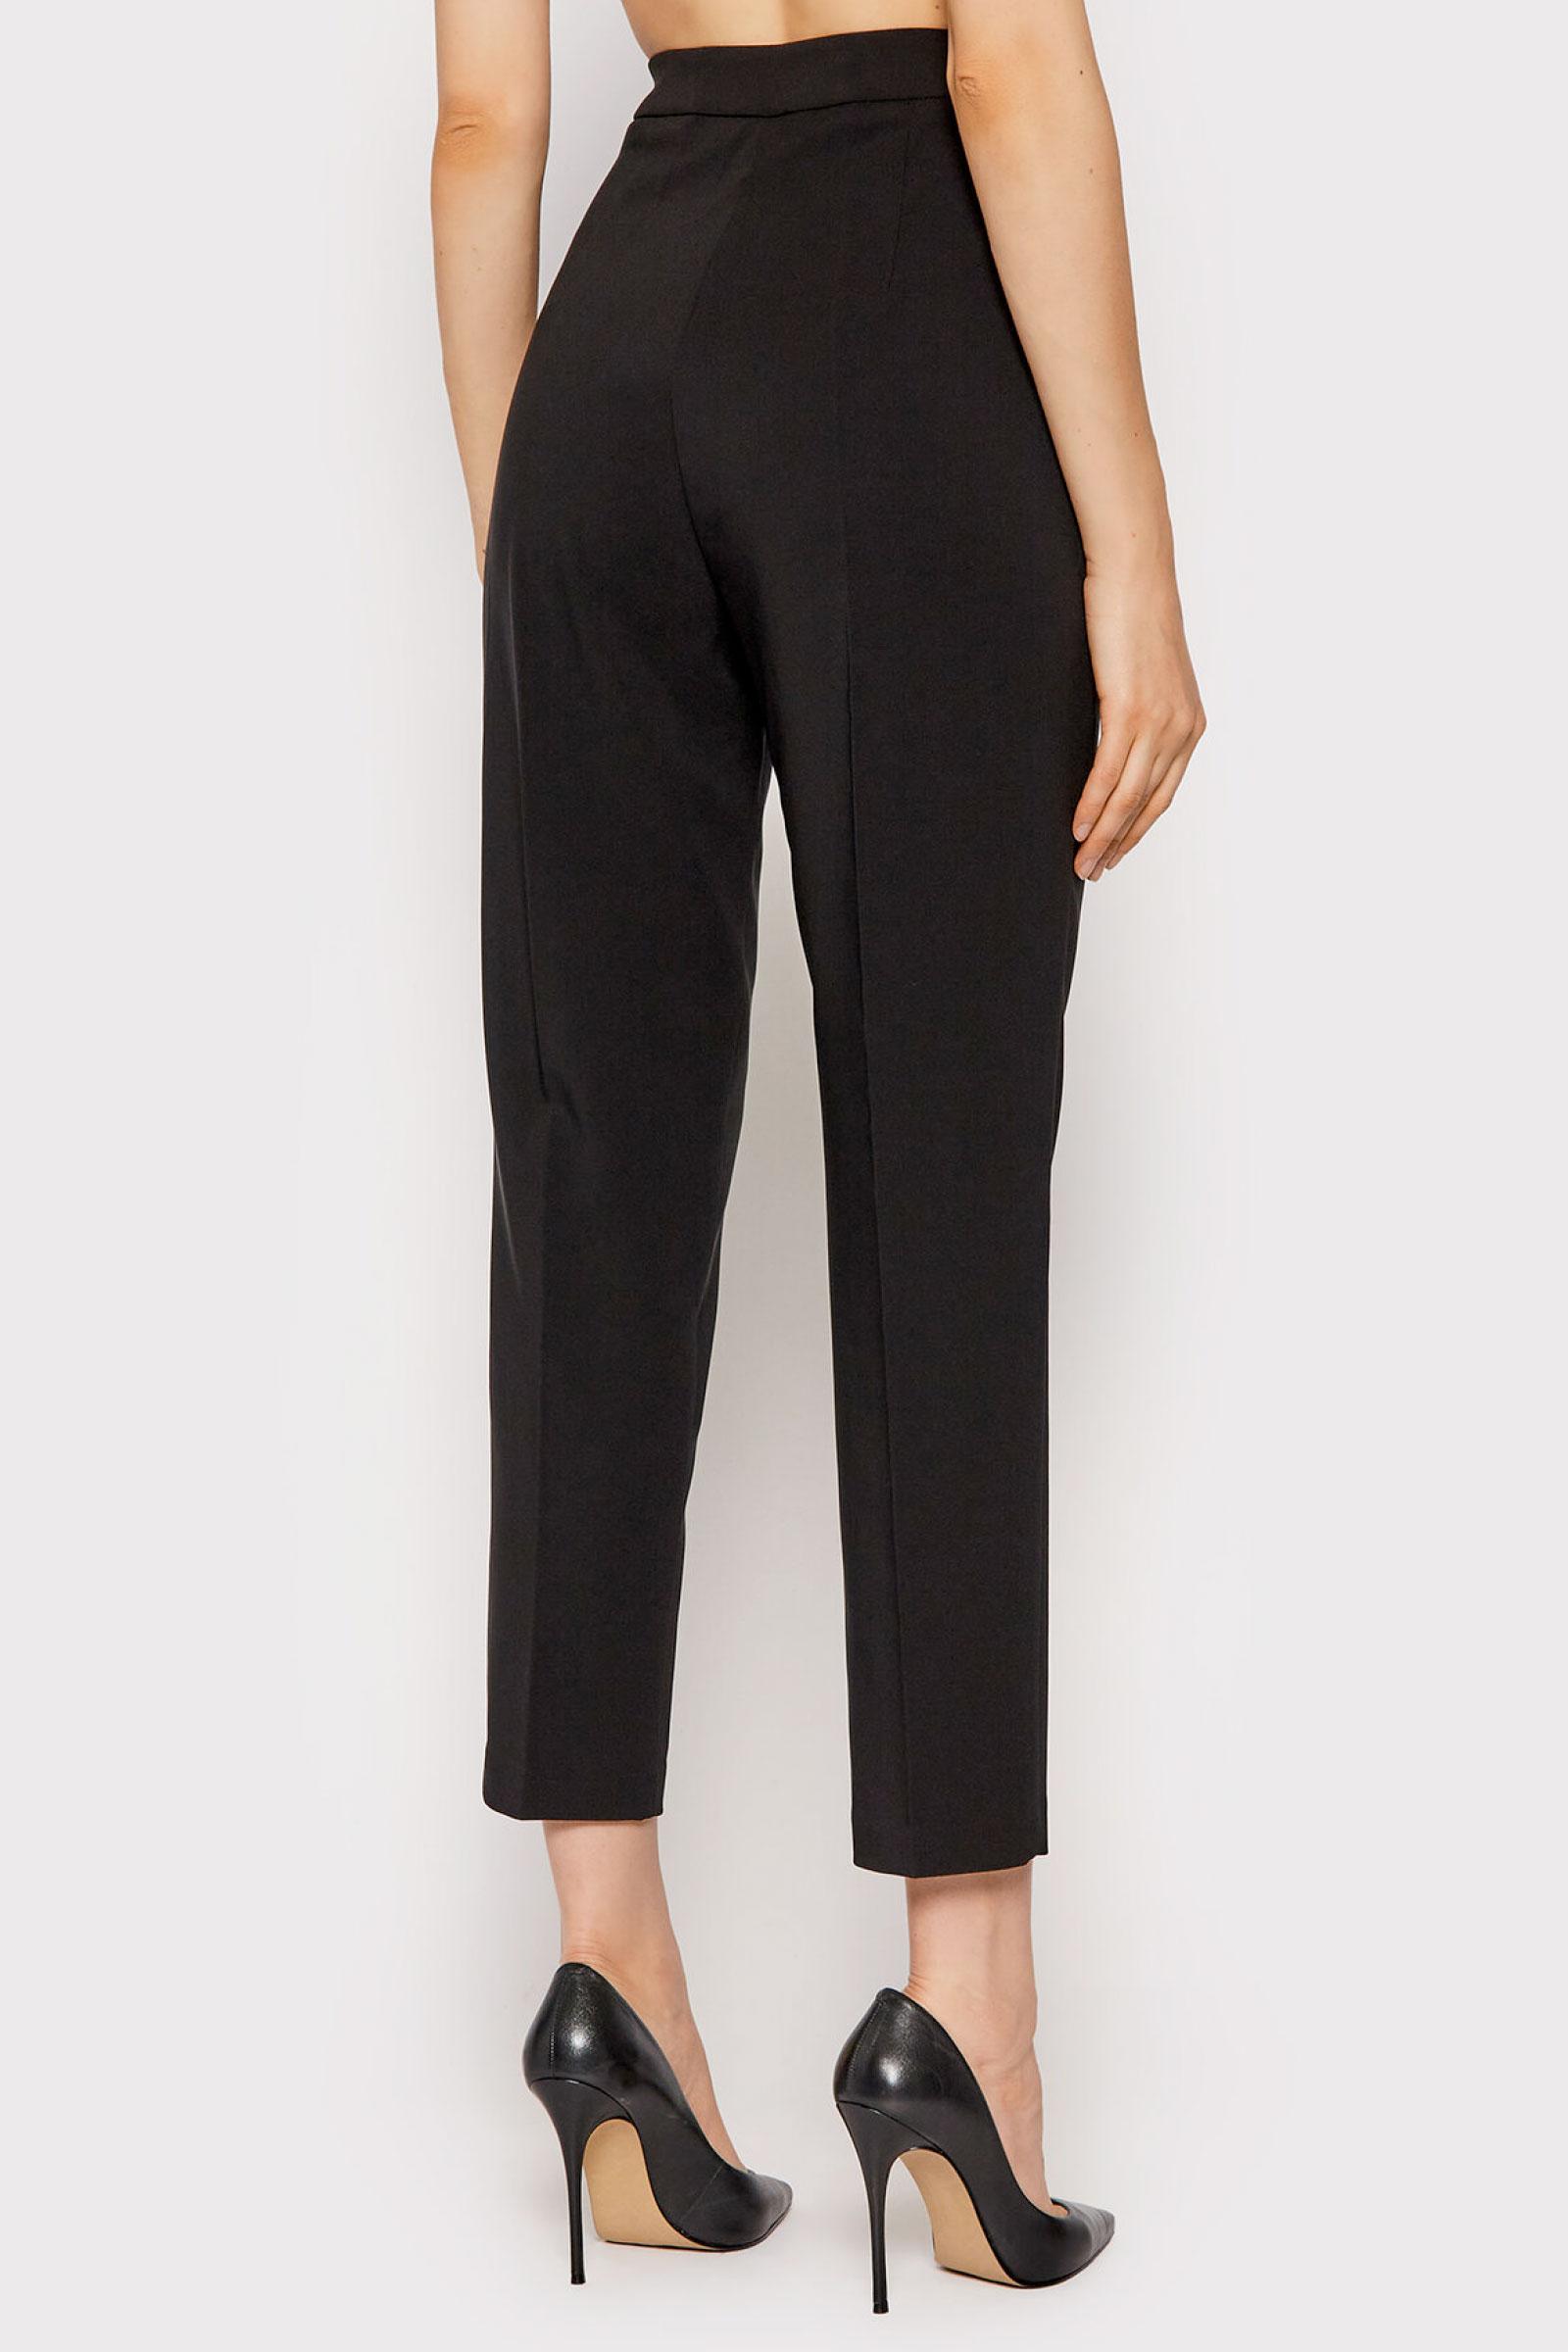 Pantalone Donna RINASCIMENTO | Pantalone | CFC0105058003B001